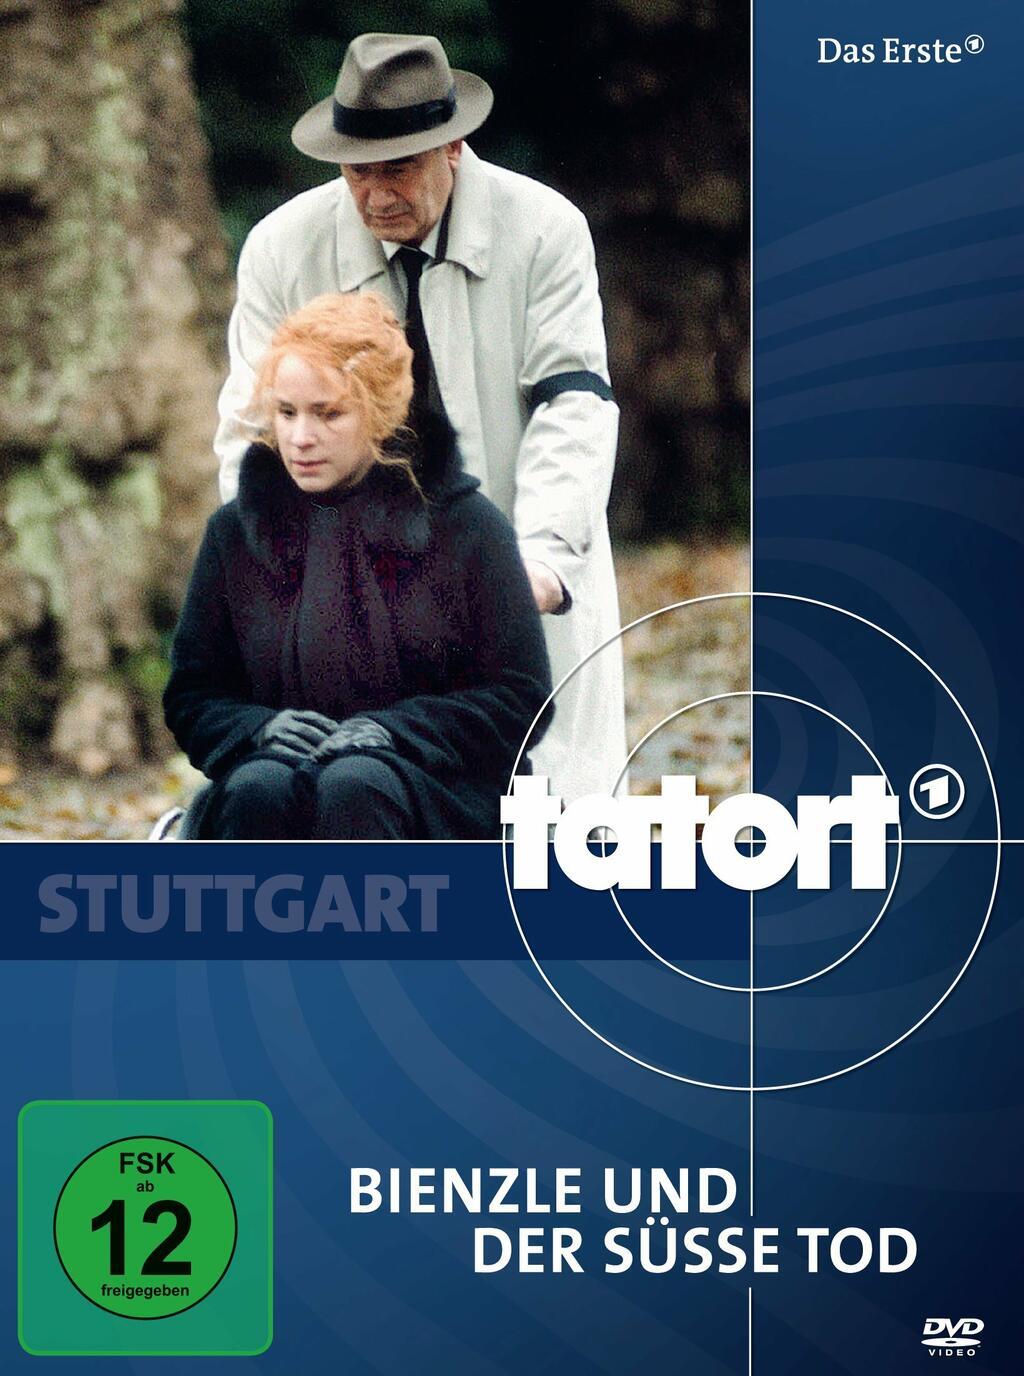 Tatort: Bienzle und der süße Tod